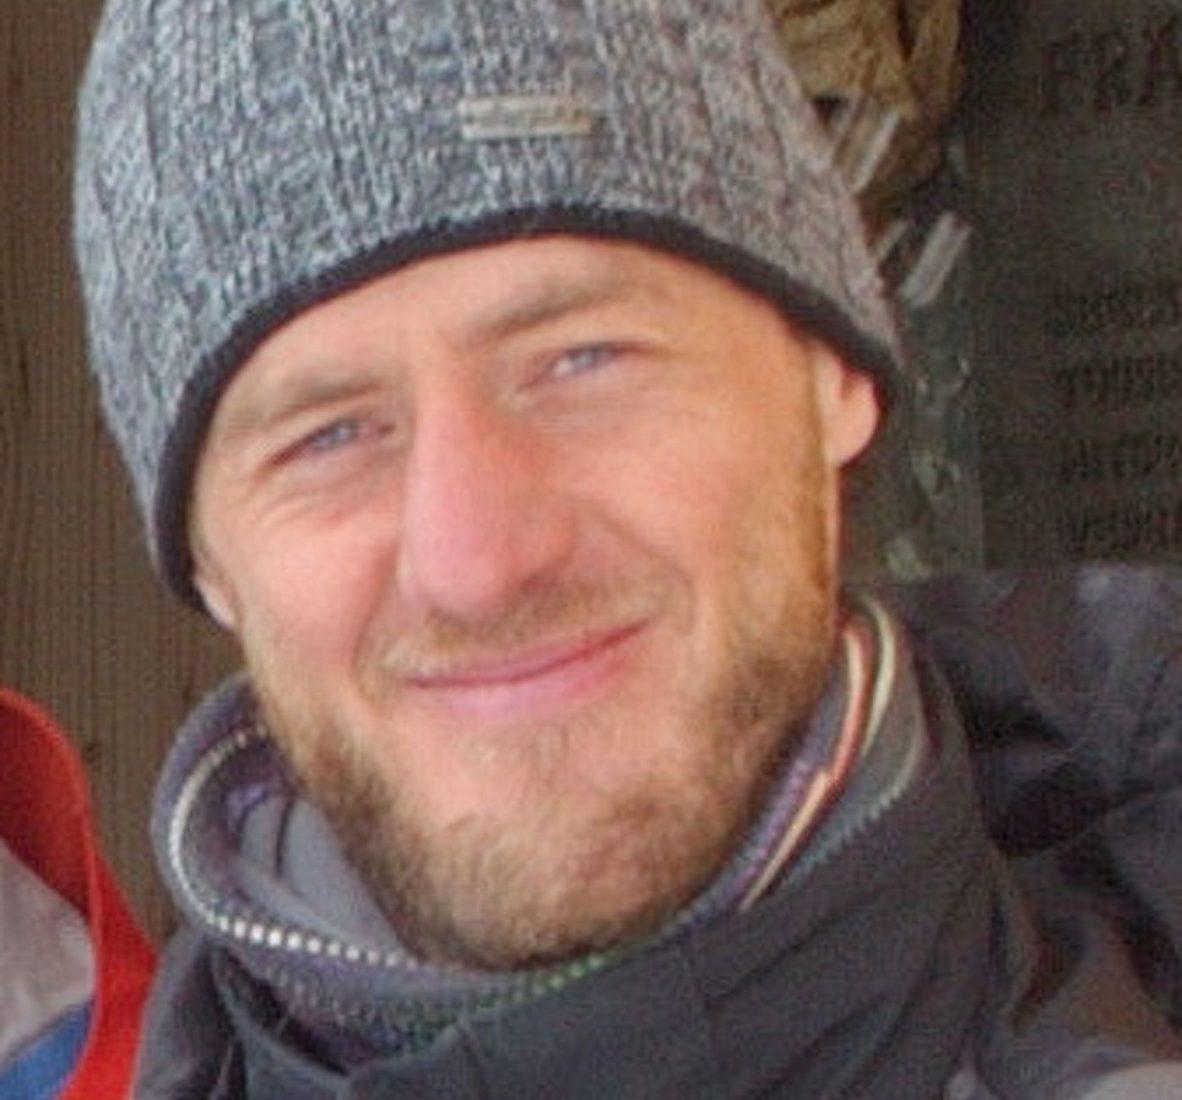 Alex Boninsegna hat in Padova Forst- und Umweltwissenschaften studiert. Als begeisterter Bergsteiger ist er aufs Albina Projekt gestoßen und dem Thema Schnee und Warnung nähergekommen. Hat seinen Dienstsitz beim Lawinenwarndienst Südtirol.